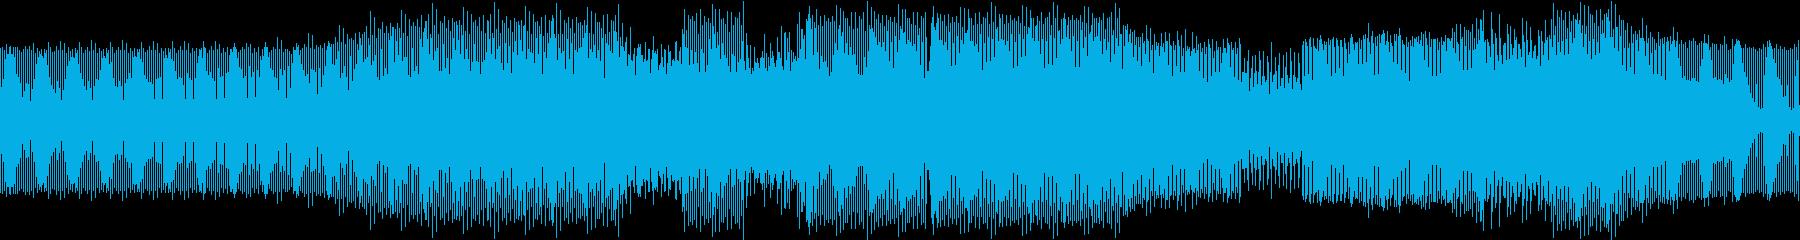 シンセの音が鳴り続ける軽快なテクノの再生済みの波形